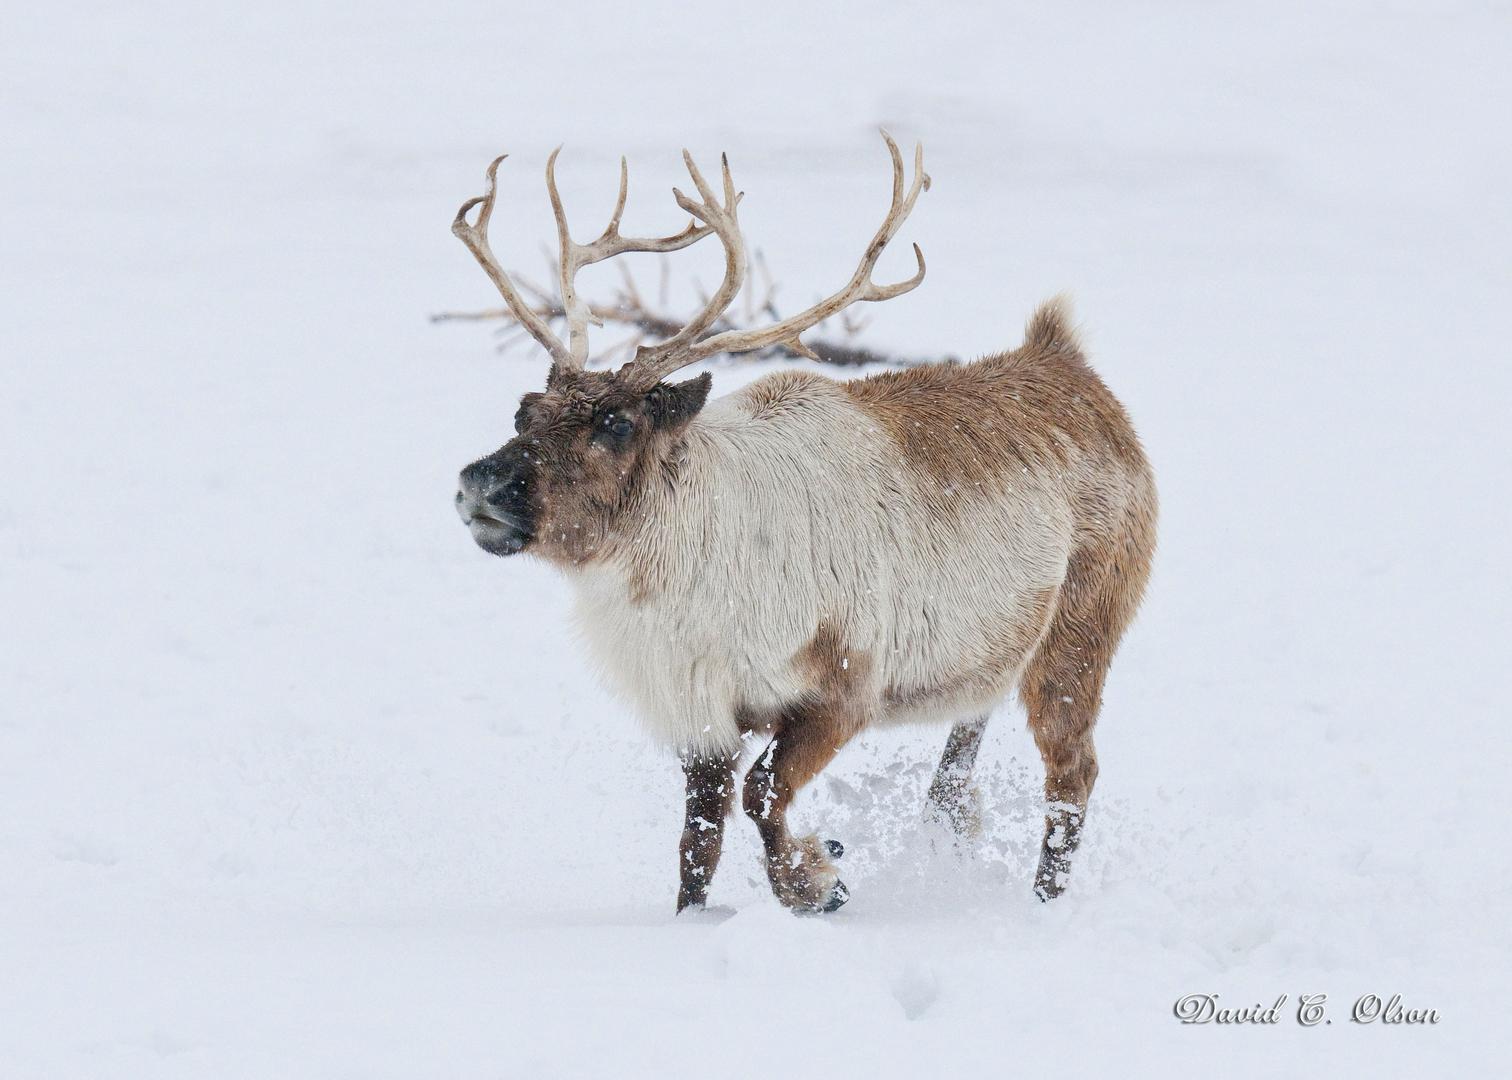 live reindeer - Pictures Of Reindeer